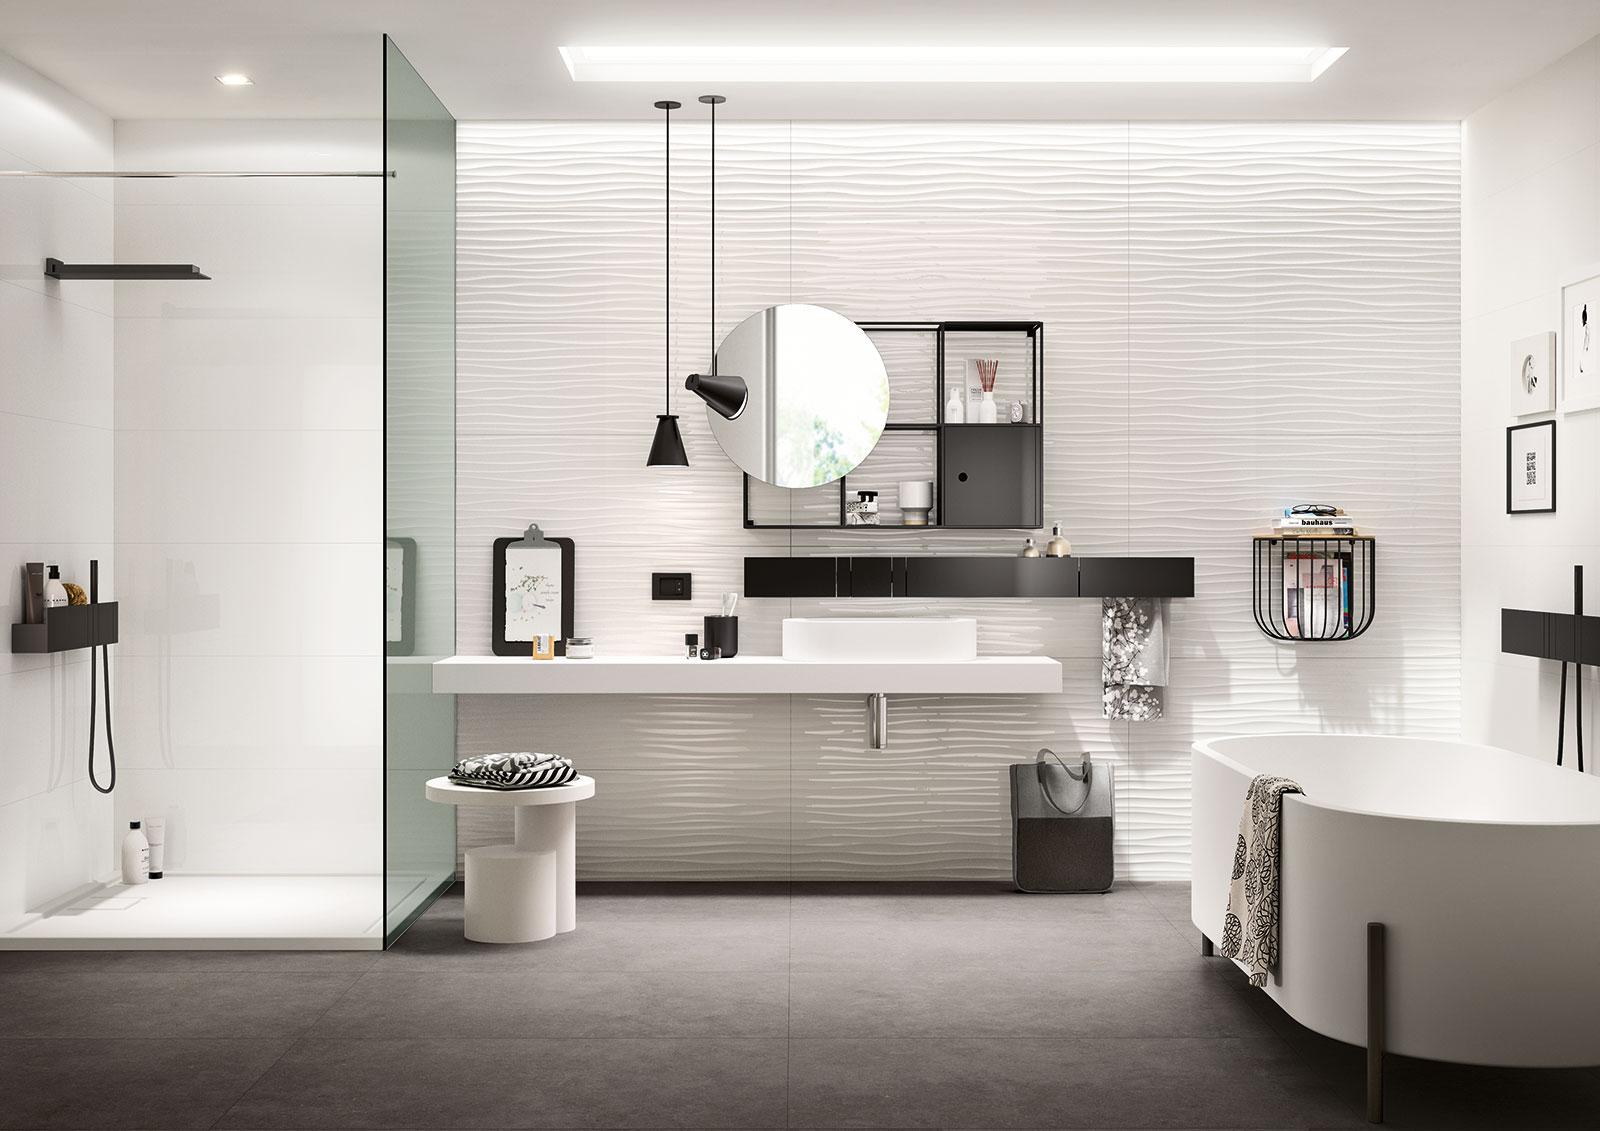 Essenziale cer mica blanca para ba os de estructuras for Casa essenziale